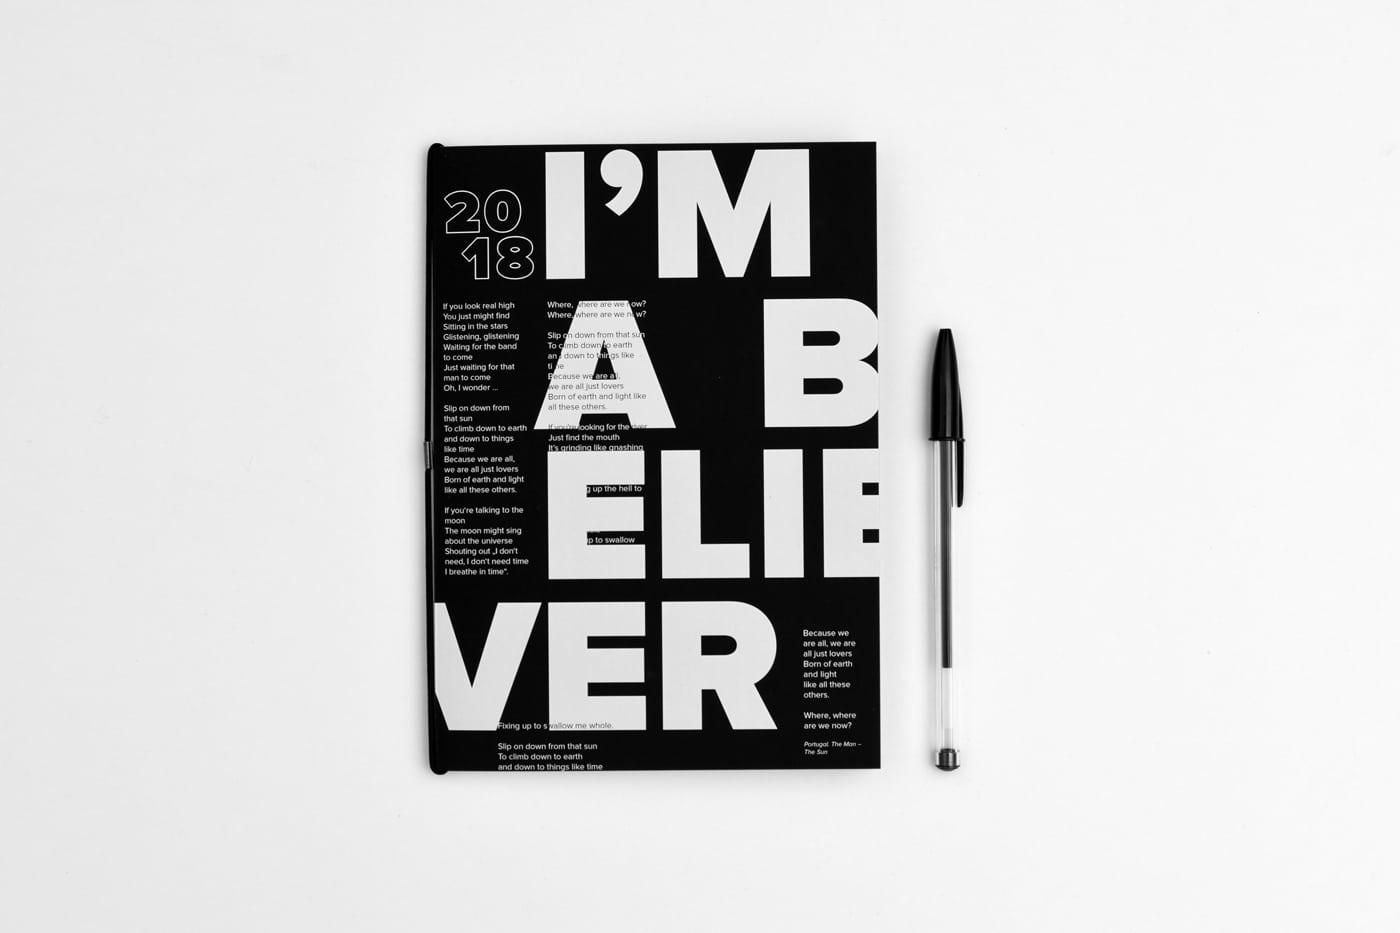 Notizbuch Design Studio Pala Weihnachten 2017